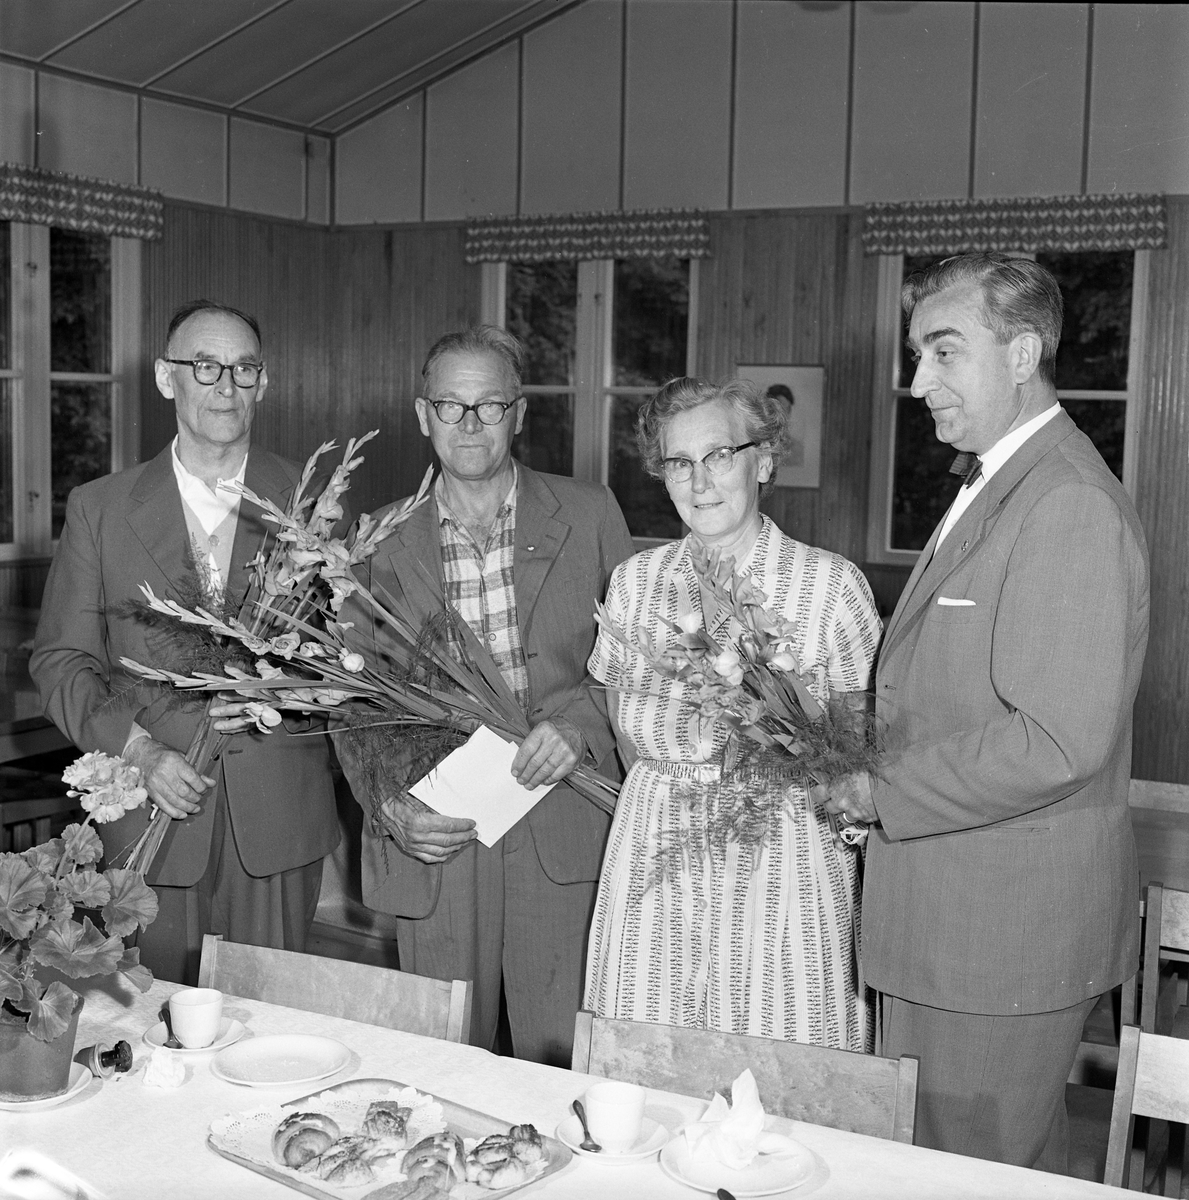 Pensionsavtackning på CVA. Två män och en kvinna uppvaktas med blommor av chefen. Bordet är dukat för kaffe och bullar. I en kruka står en pelargon. Längst till vänster: Nils Andersson. Längst till höger: Anders Högfeldt.